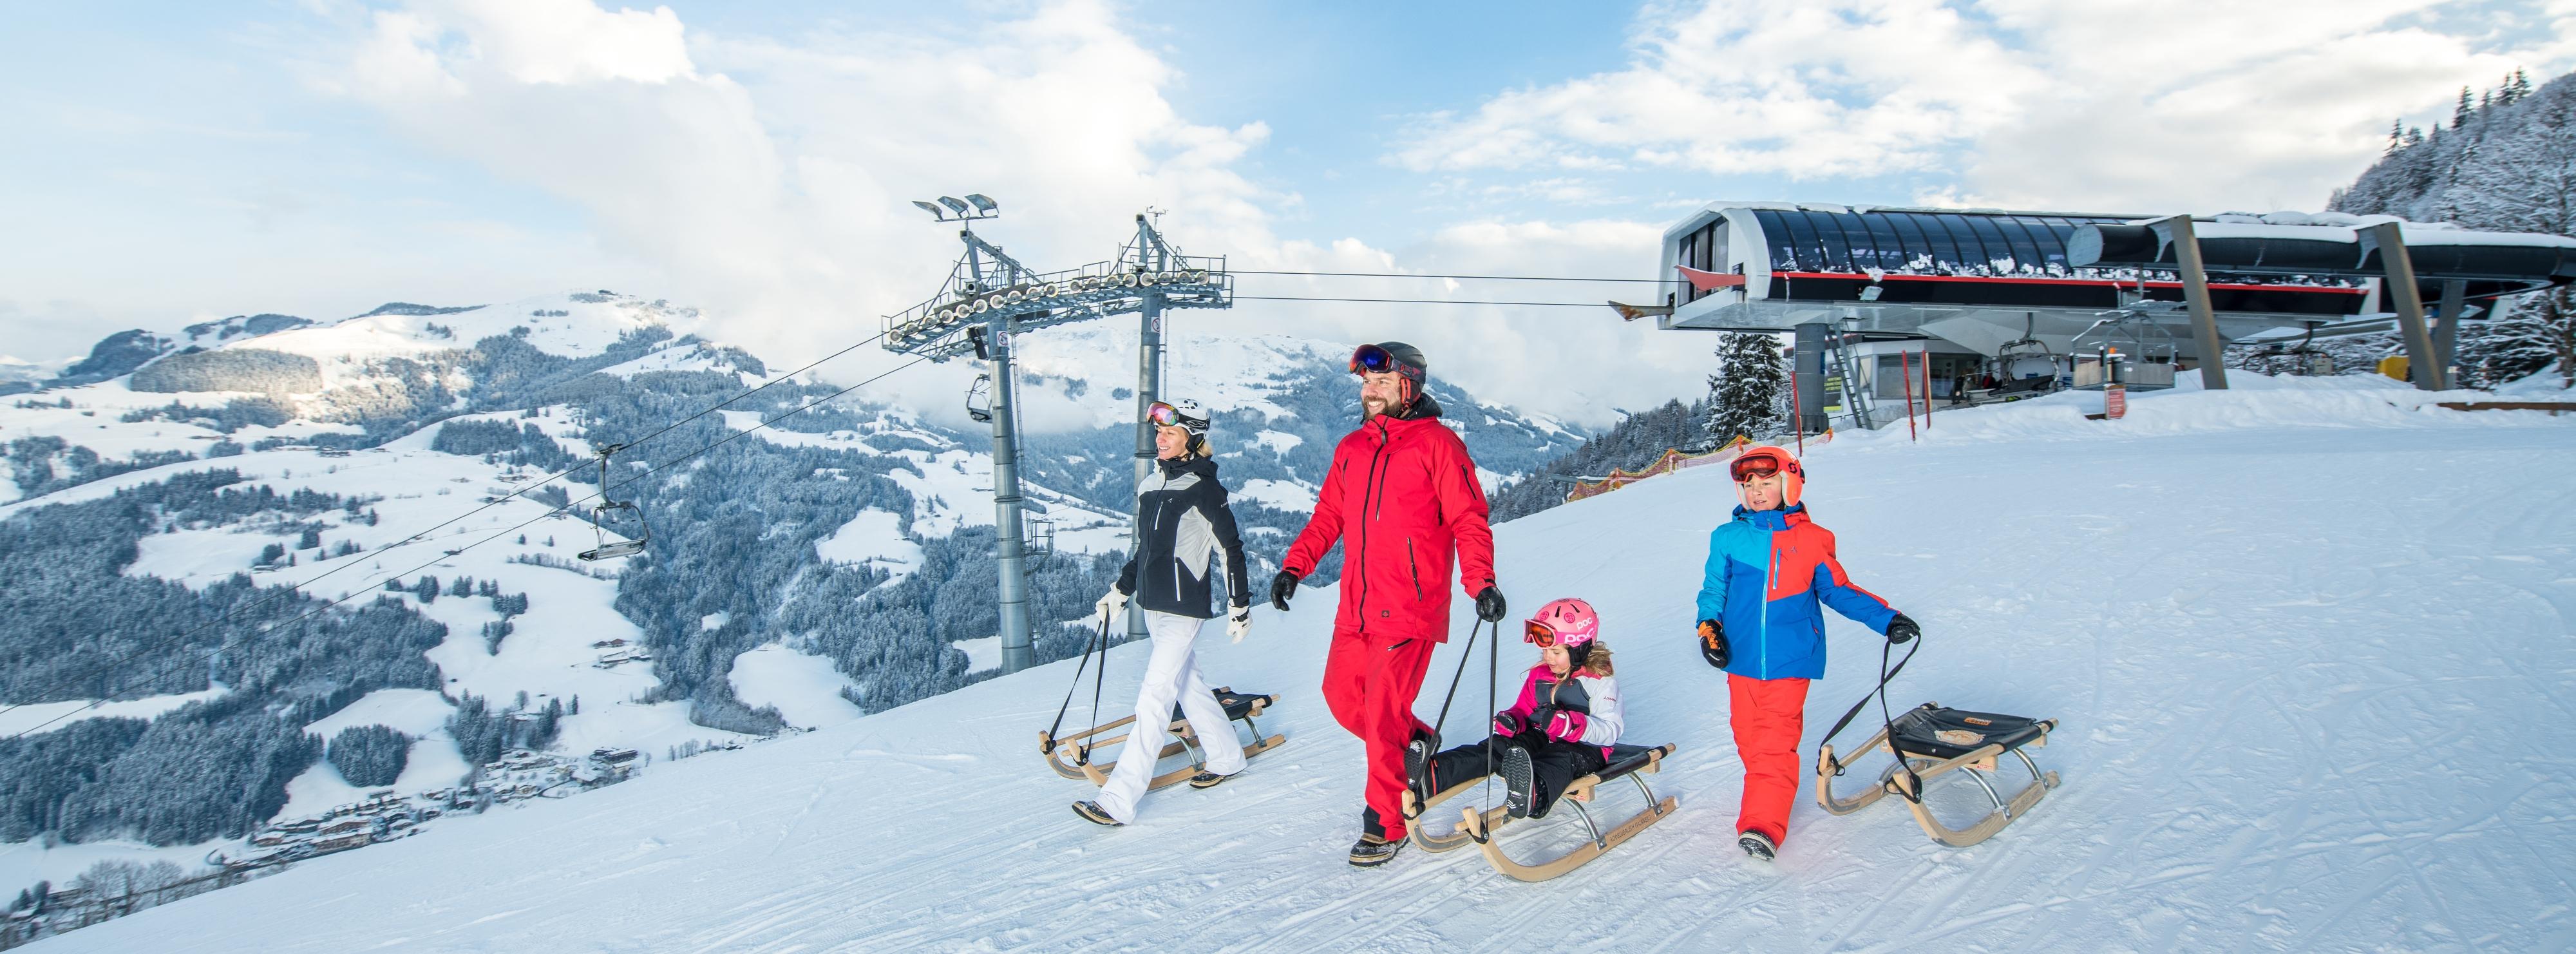 Panorama Aufnahme Familie Wintersport Skilift Rodeln Schlitten